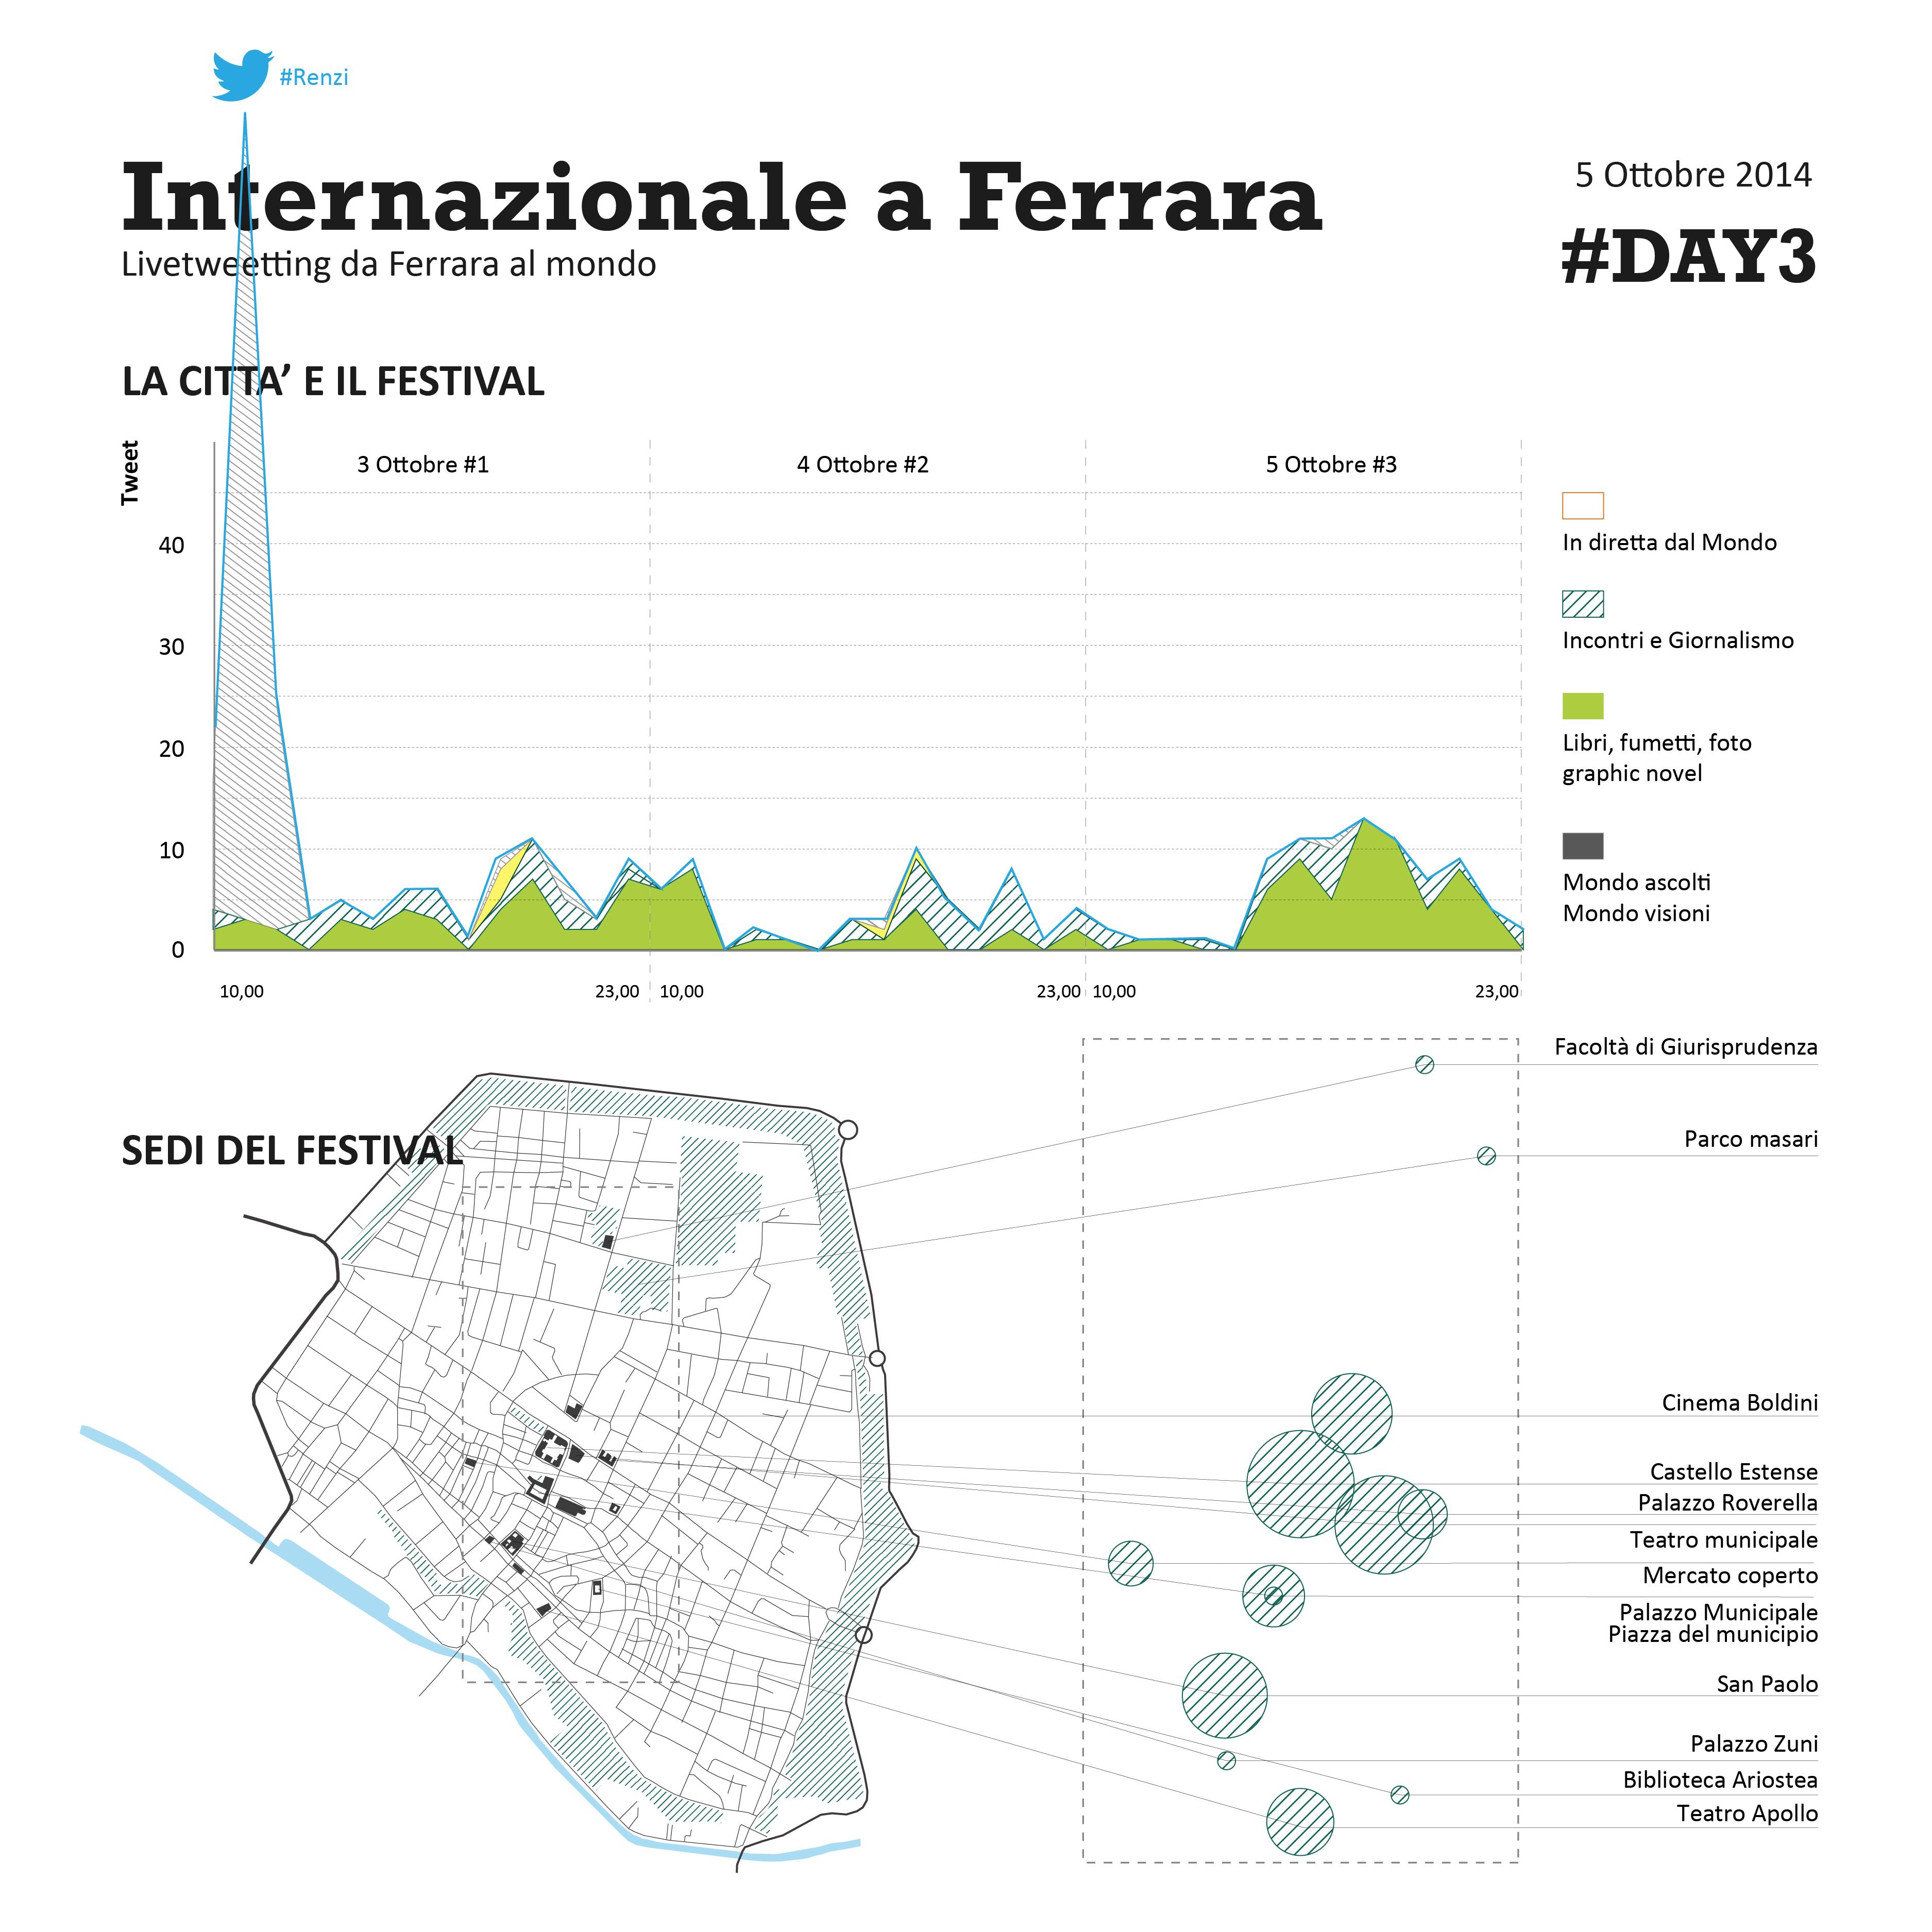 Internazionale a Ferrara chiusura